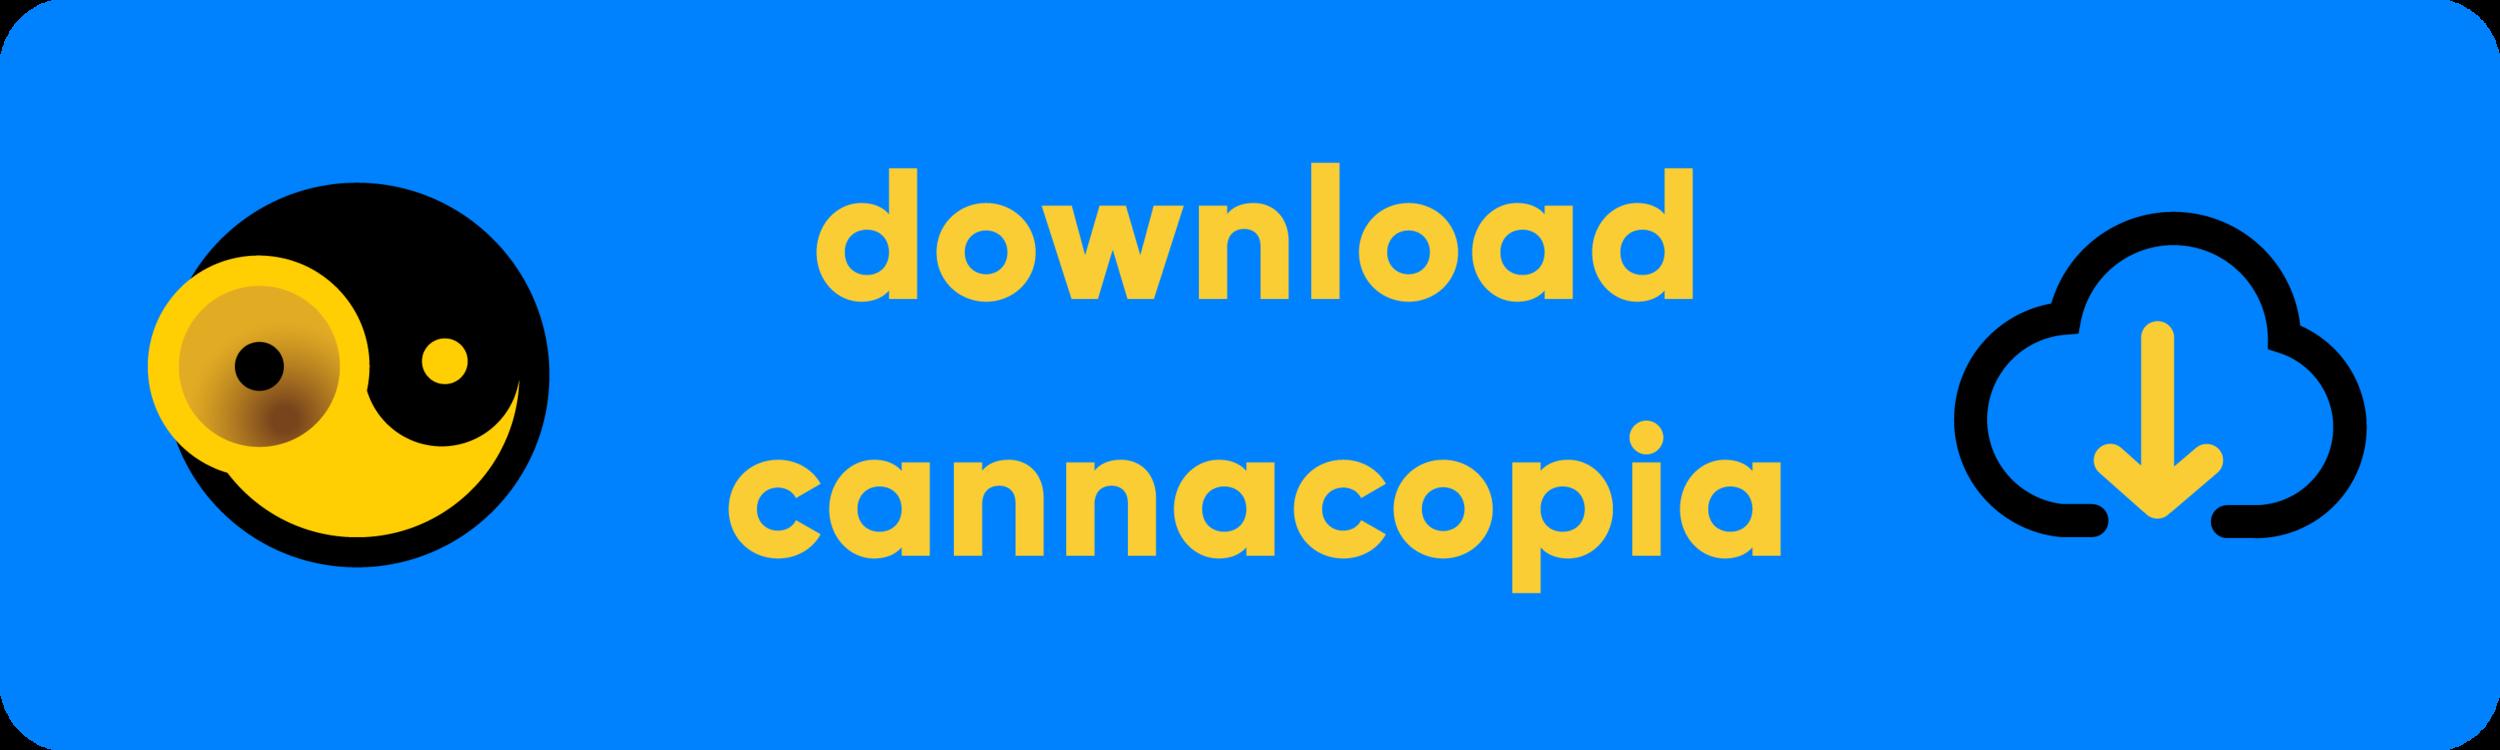 downloadcannacopia